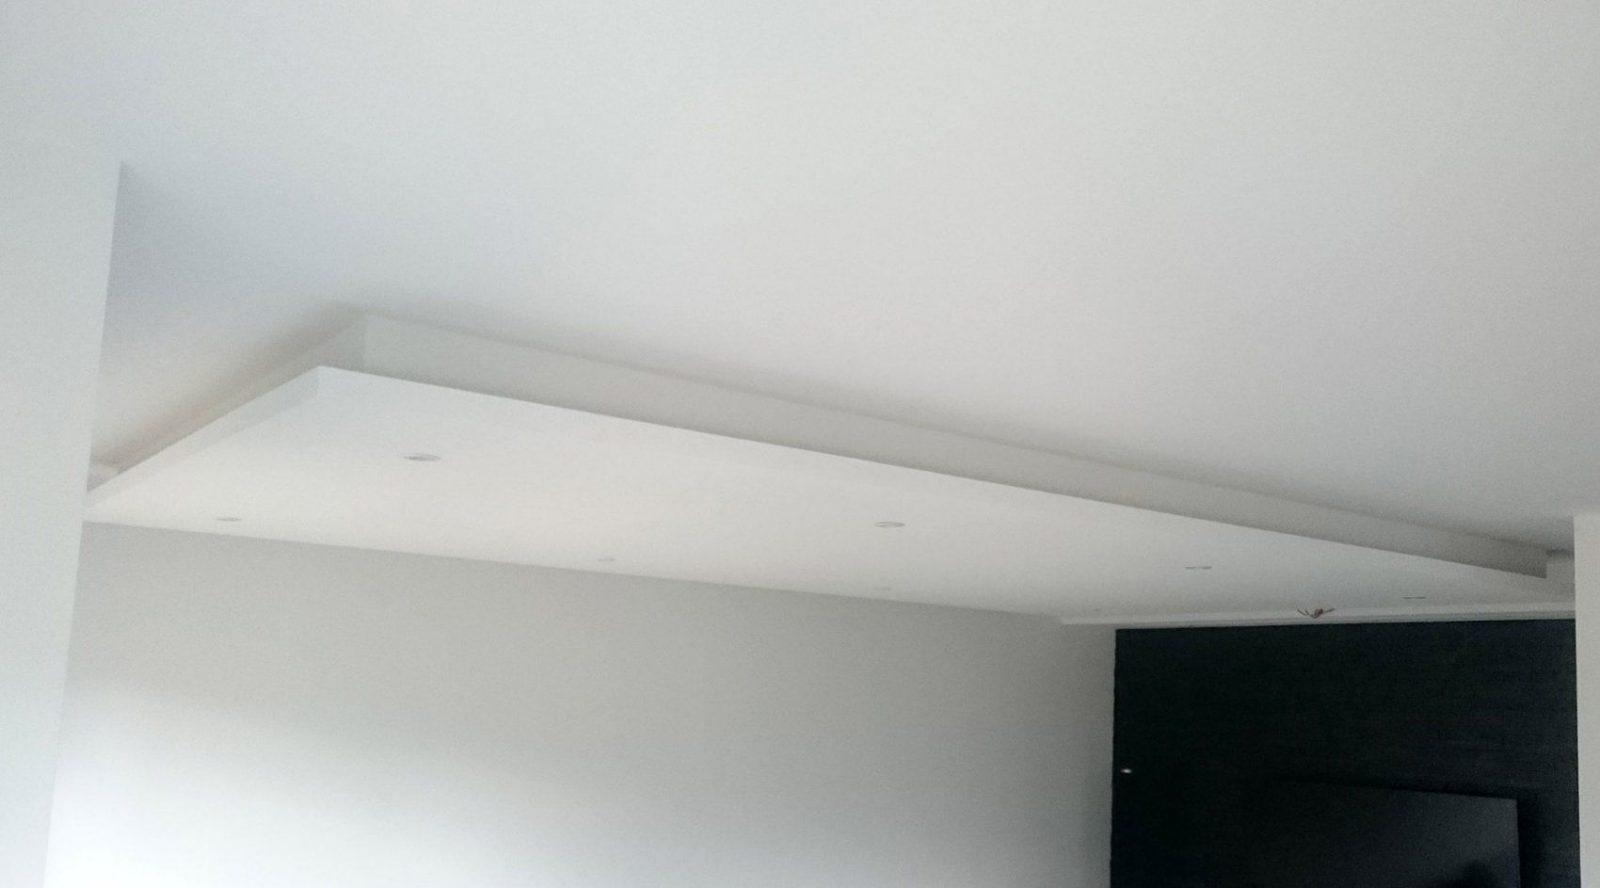 Abgehängte Decke Mit Indirekter Beleuchtung (Lichtvouten) Selber Machen von Indirekte Beleuchtung Selber Bauen Anleitung Bild